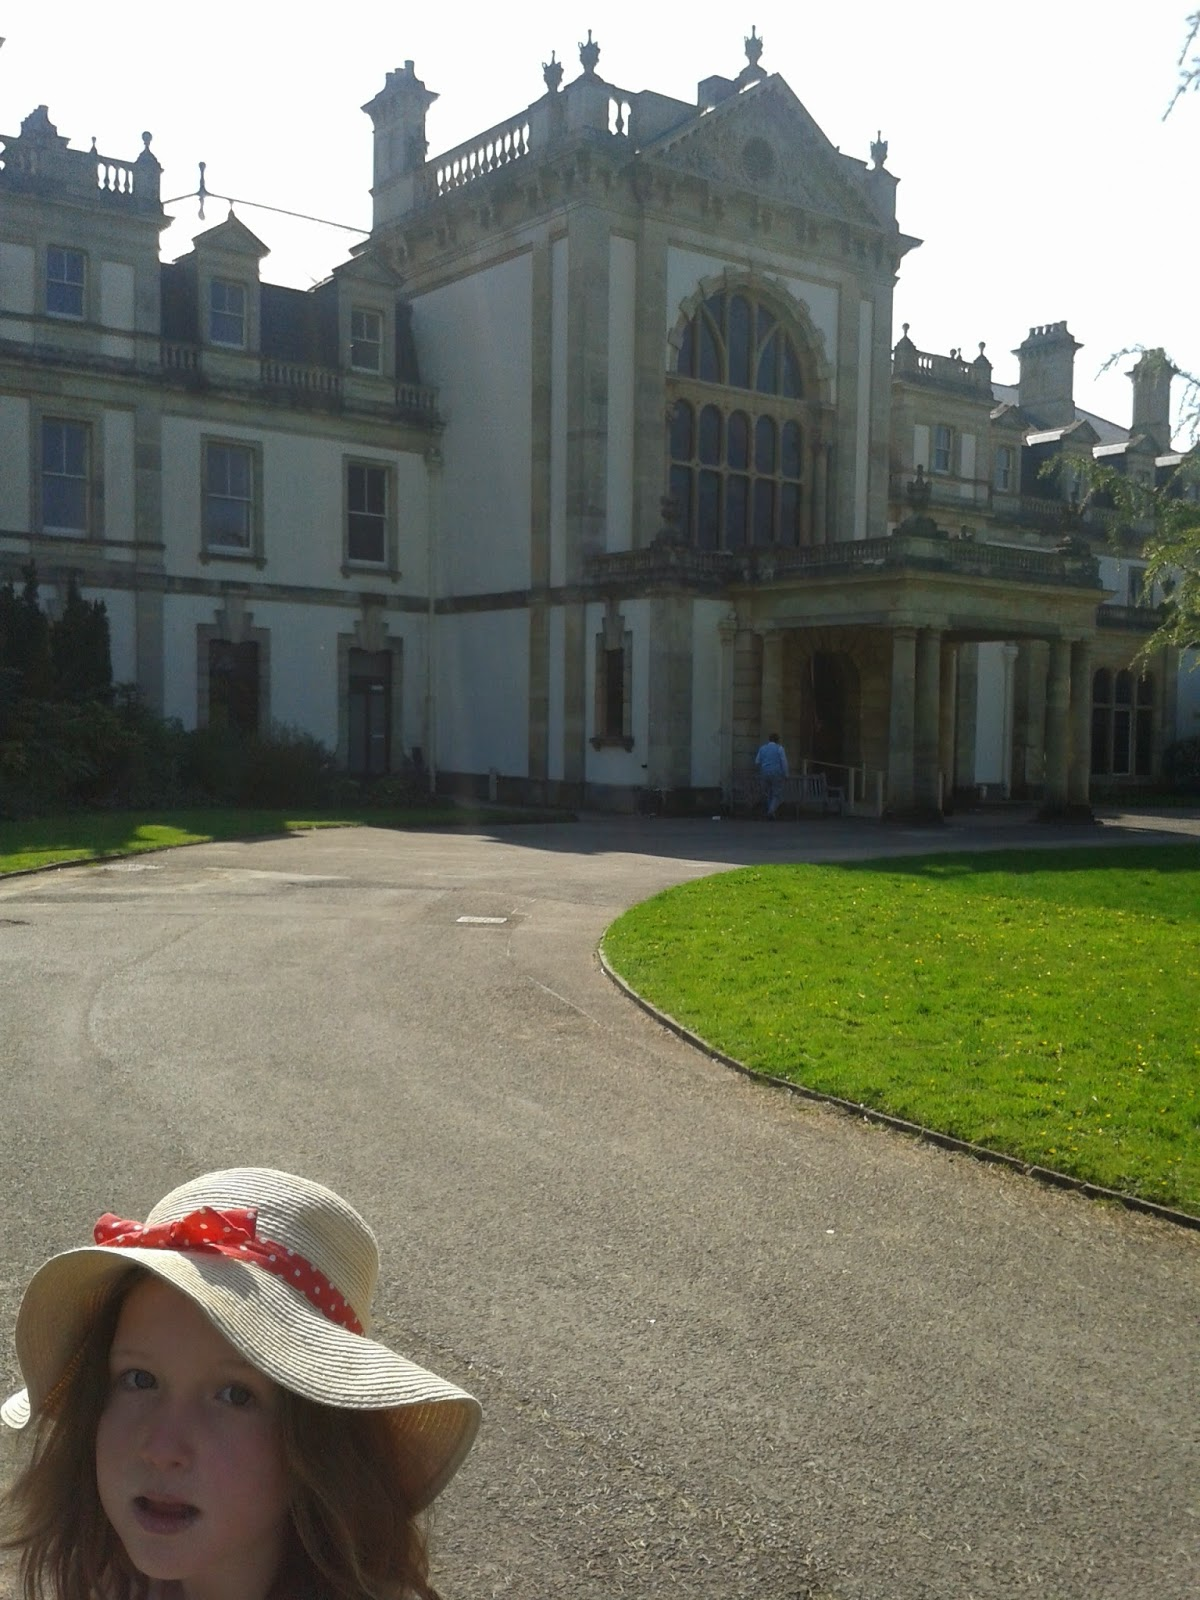 House at Dyffryn